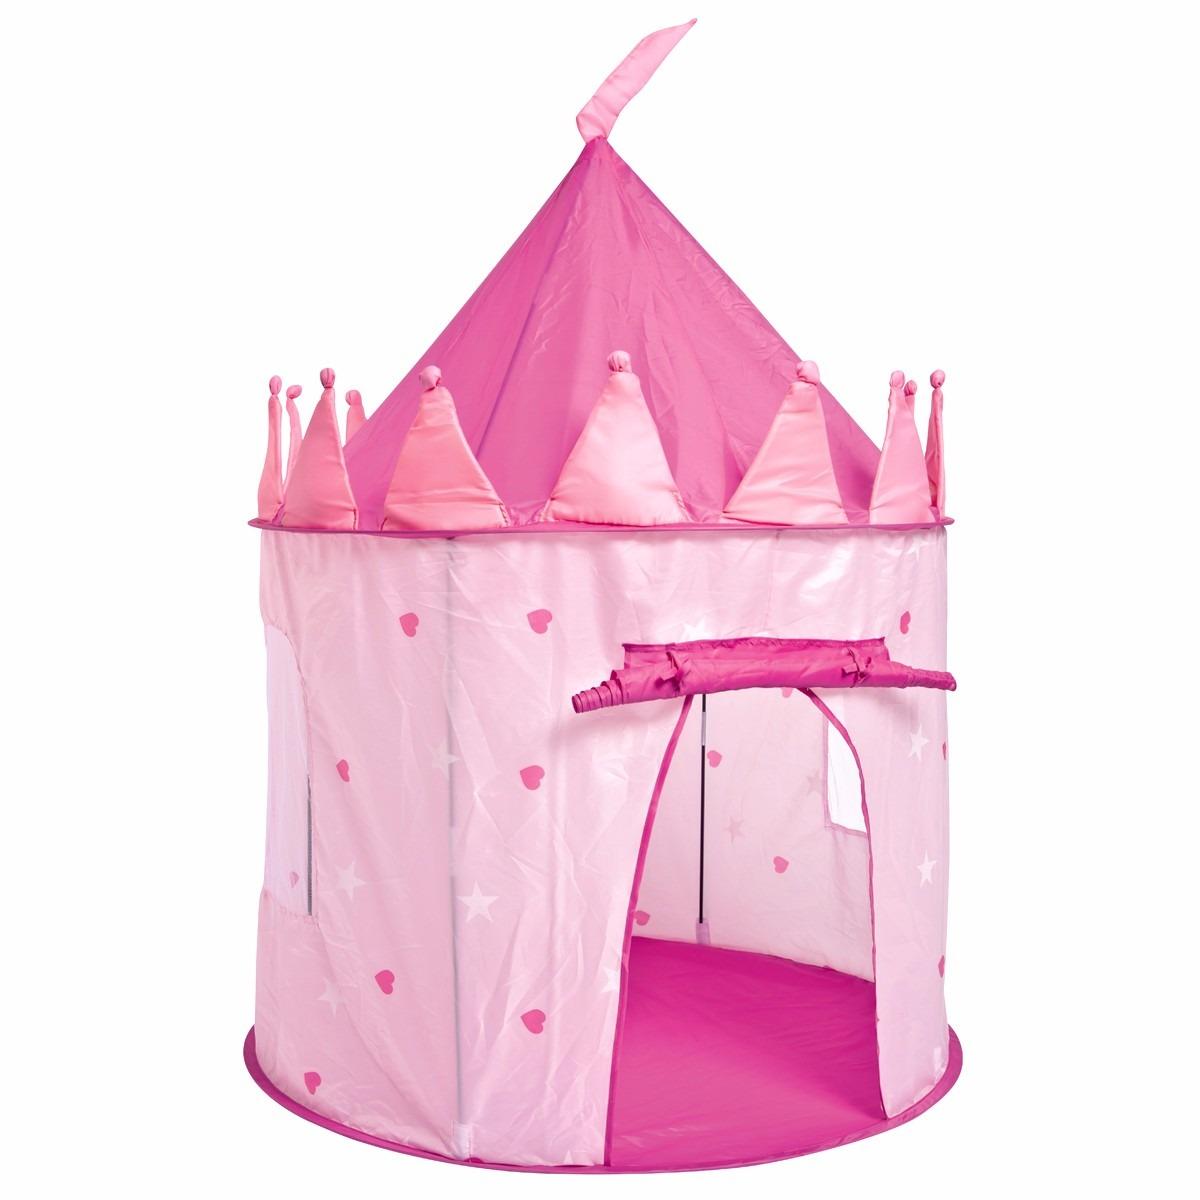 Para De Castillo Casa Princesas Niñas Casita Juguete jGMUzVLqpS